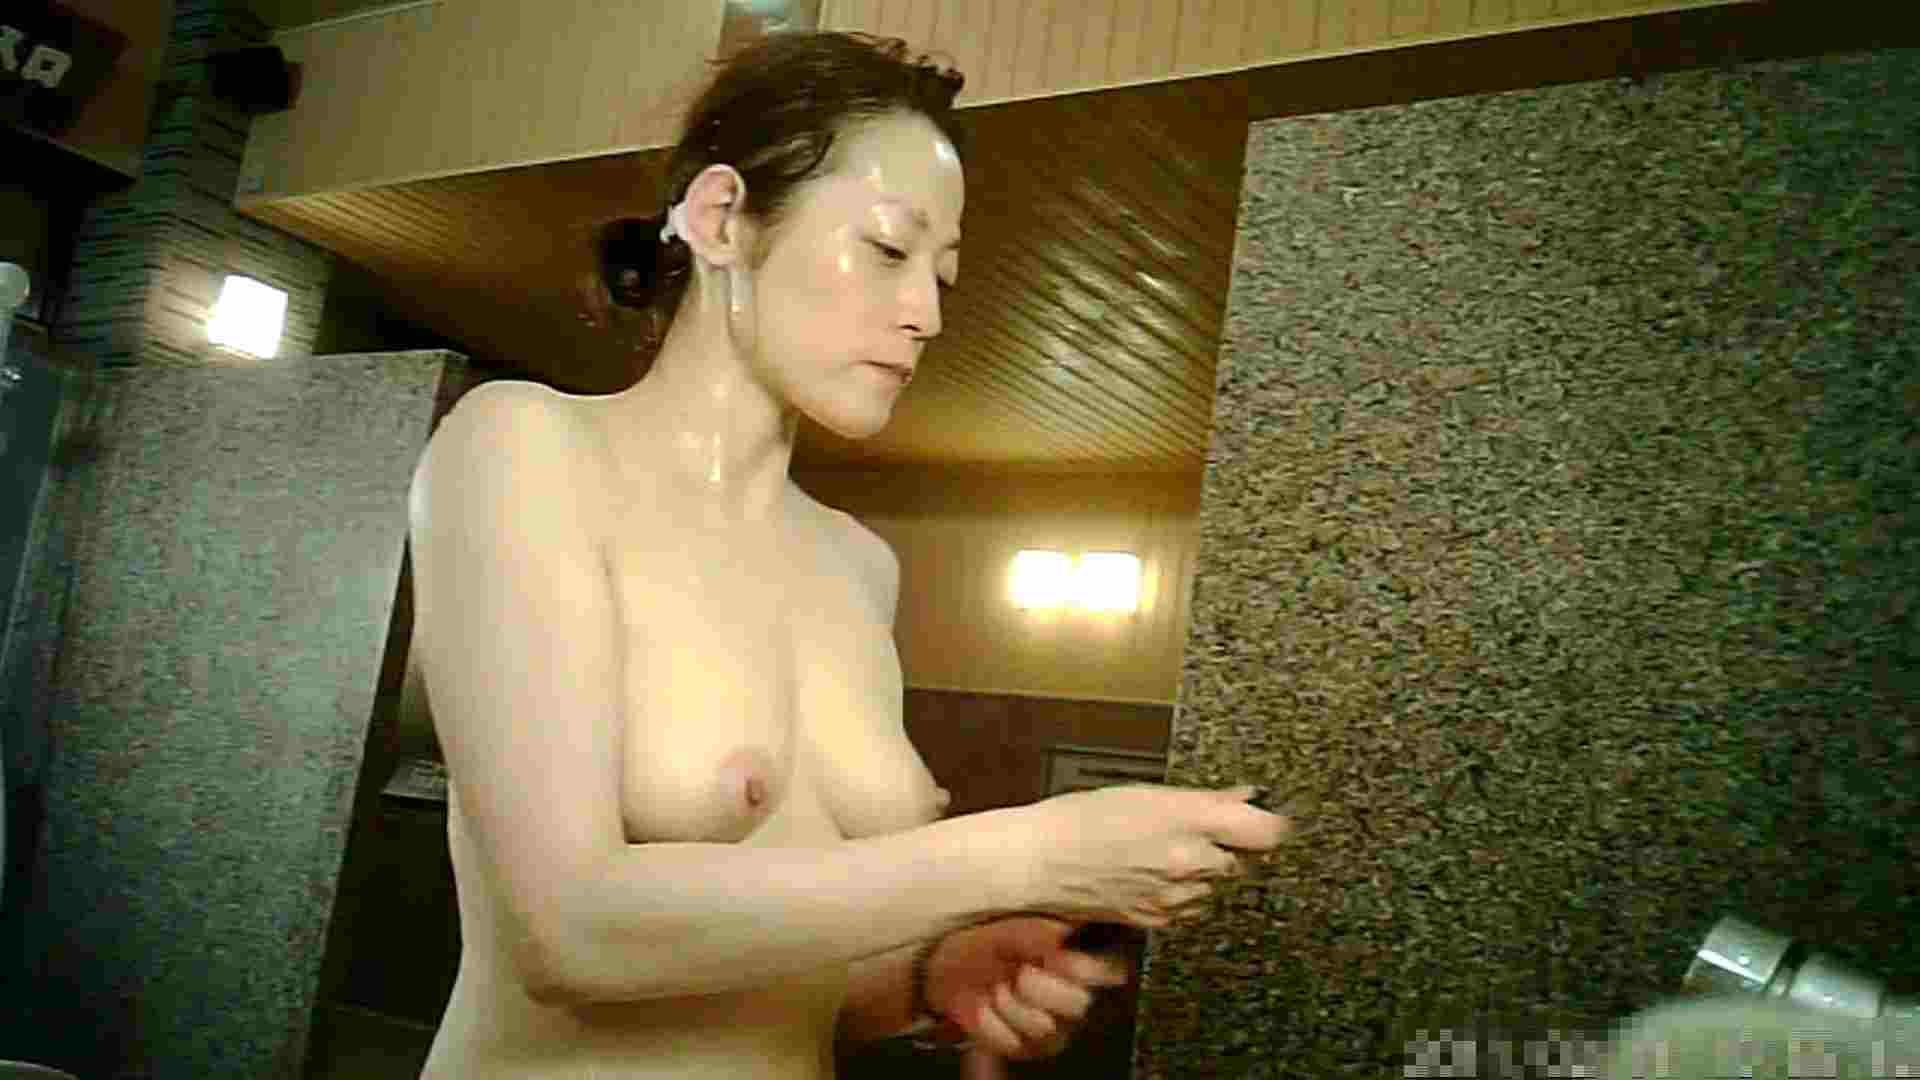 Vol.13 洗い場!柔らかそうな乳房がを支えてあげたいし舐めたい